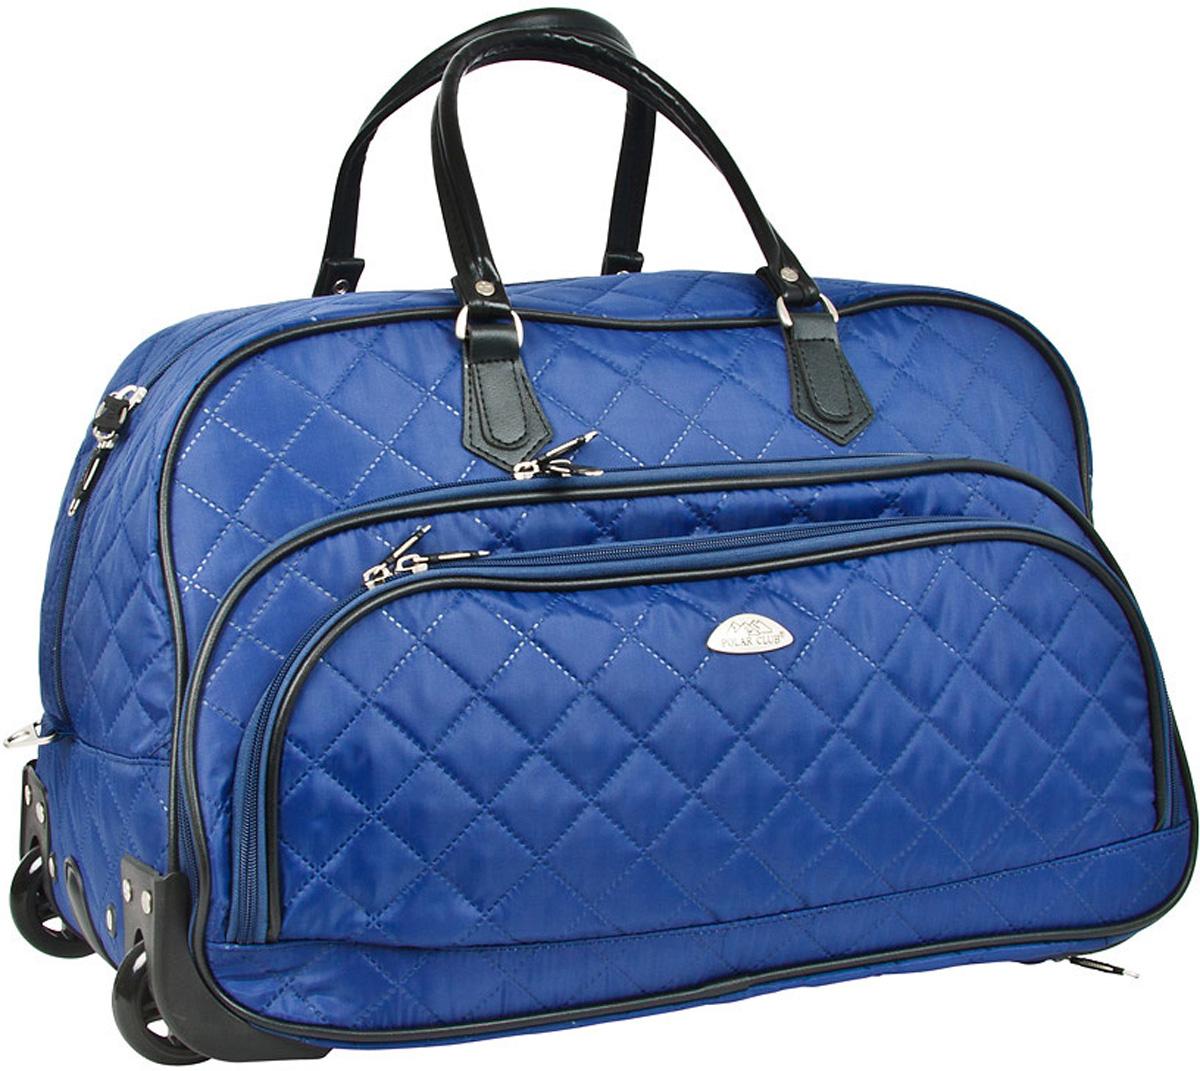 Сумка дорожная Polar Стежка, на колесах, цвет: синий, 51 л, 55 х 37 х 25 см7050.1Колесная дорожная сумка Polar. Пластиковые колеса, выдвижная ручка ,выдвигается на 38 см. Имеется съемный плечевой ремень, что бы носить сумку через плечо. Одно большое отделение для ваших вещей. Два кармана спереди сумки на молнии. Высота ручек 17 см.